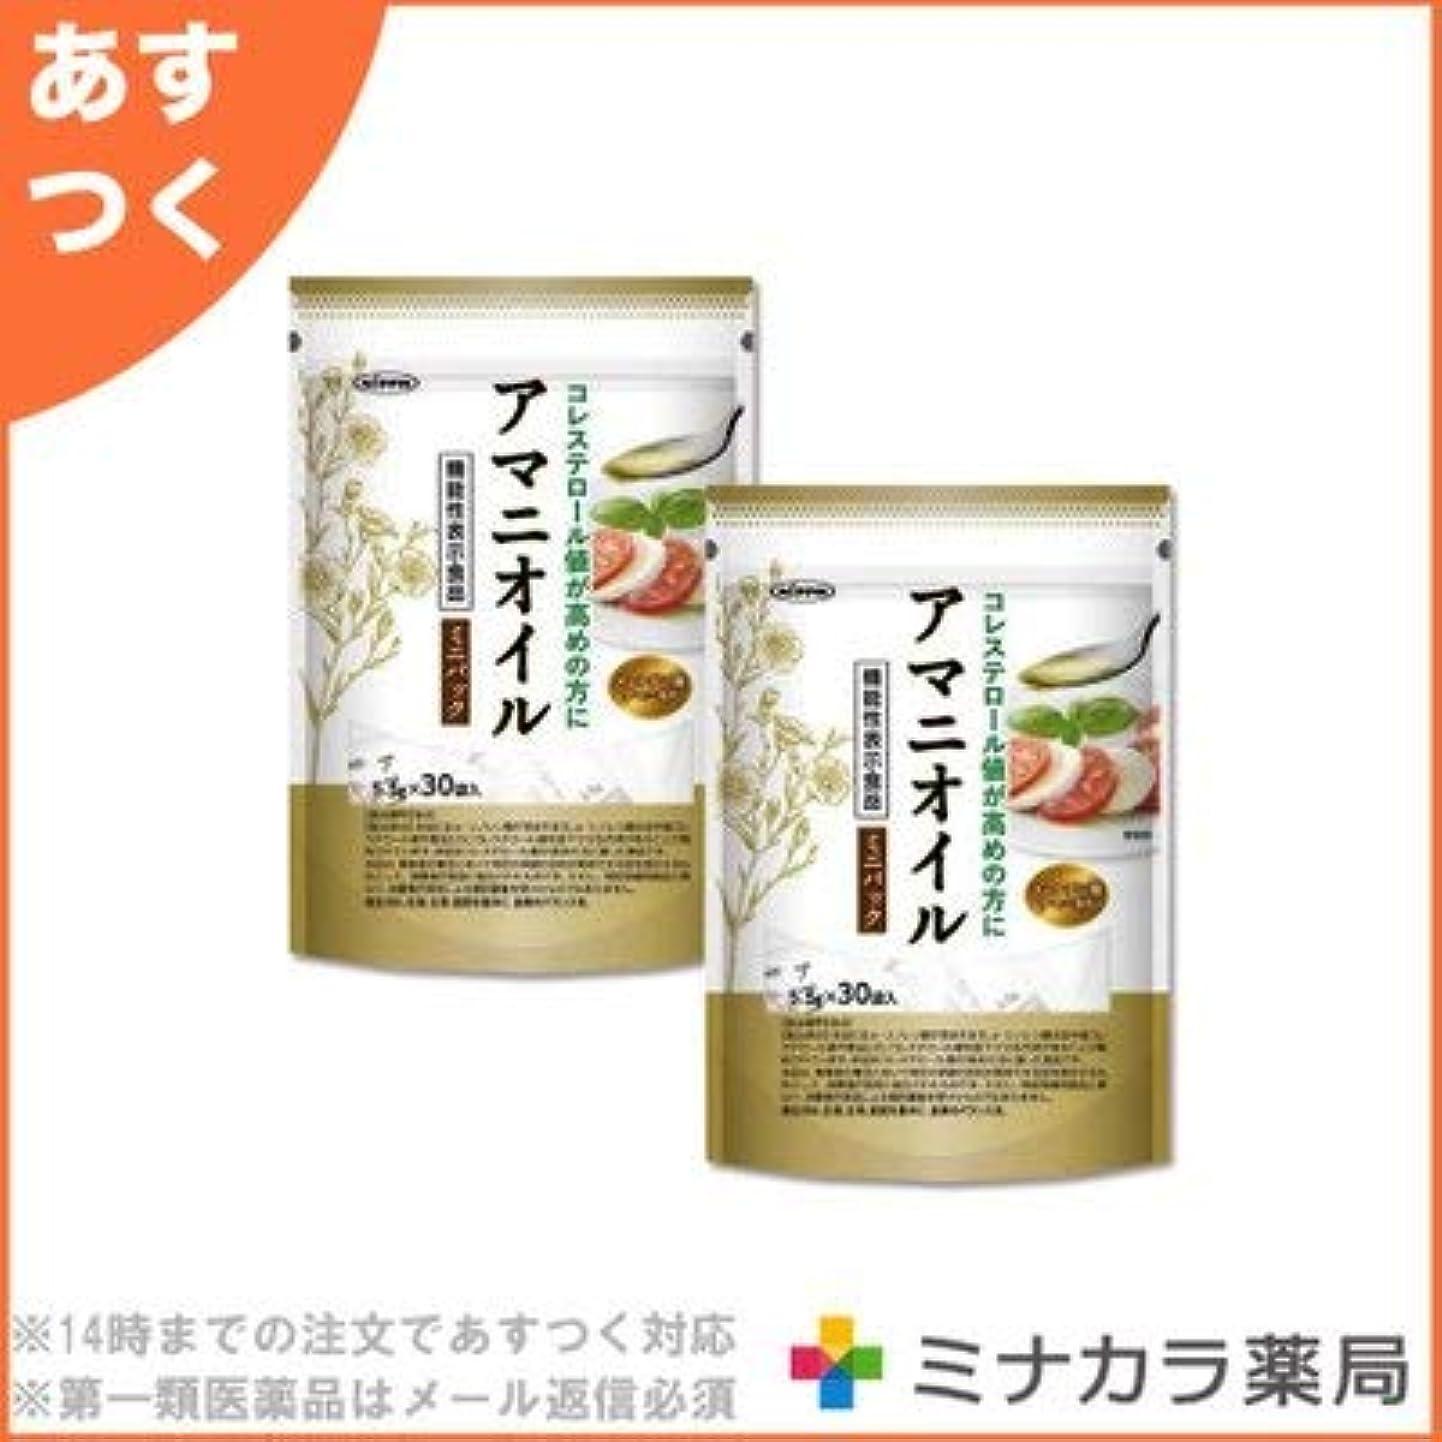 日本製粉 アマニオイル ミニパック 5.5g×30 (機能性表示食品)×2個セット